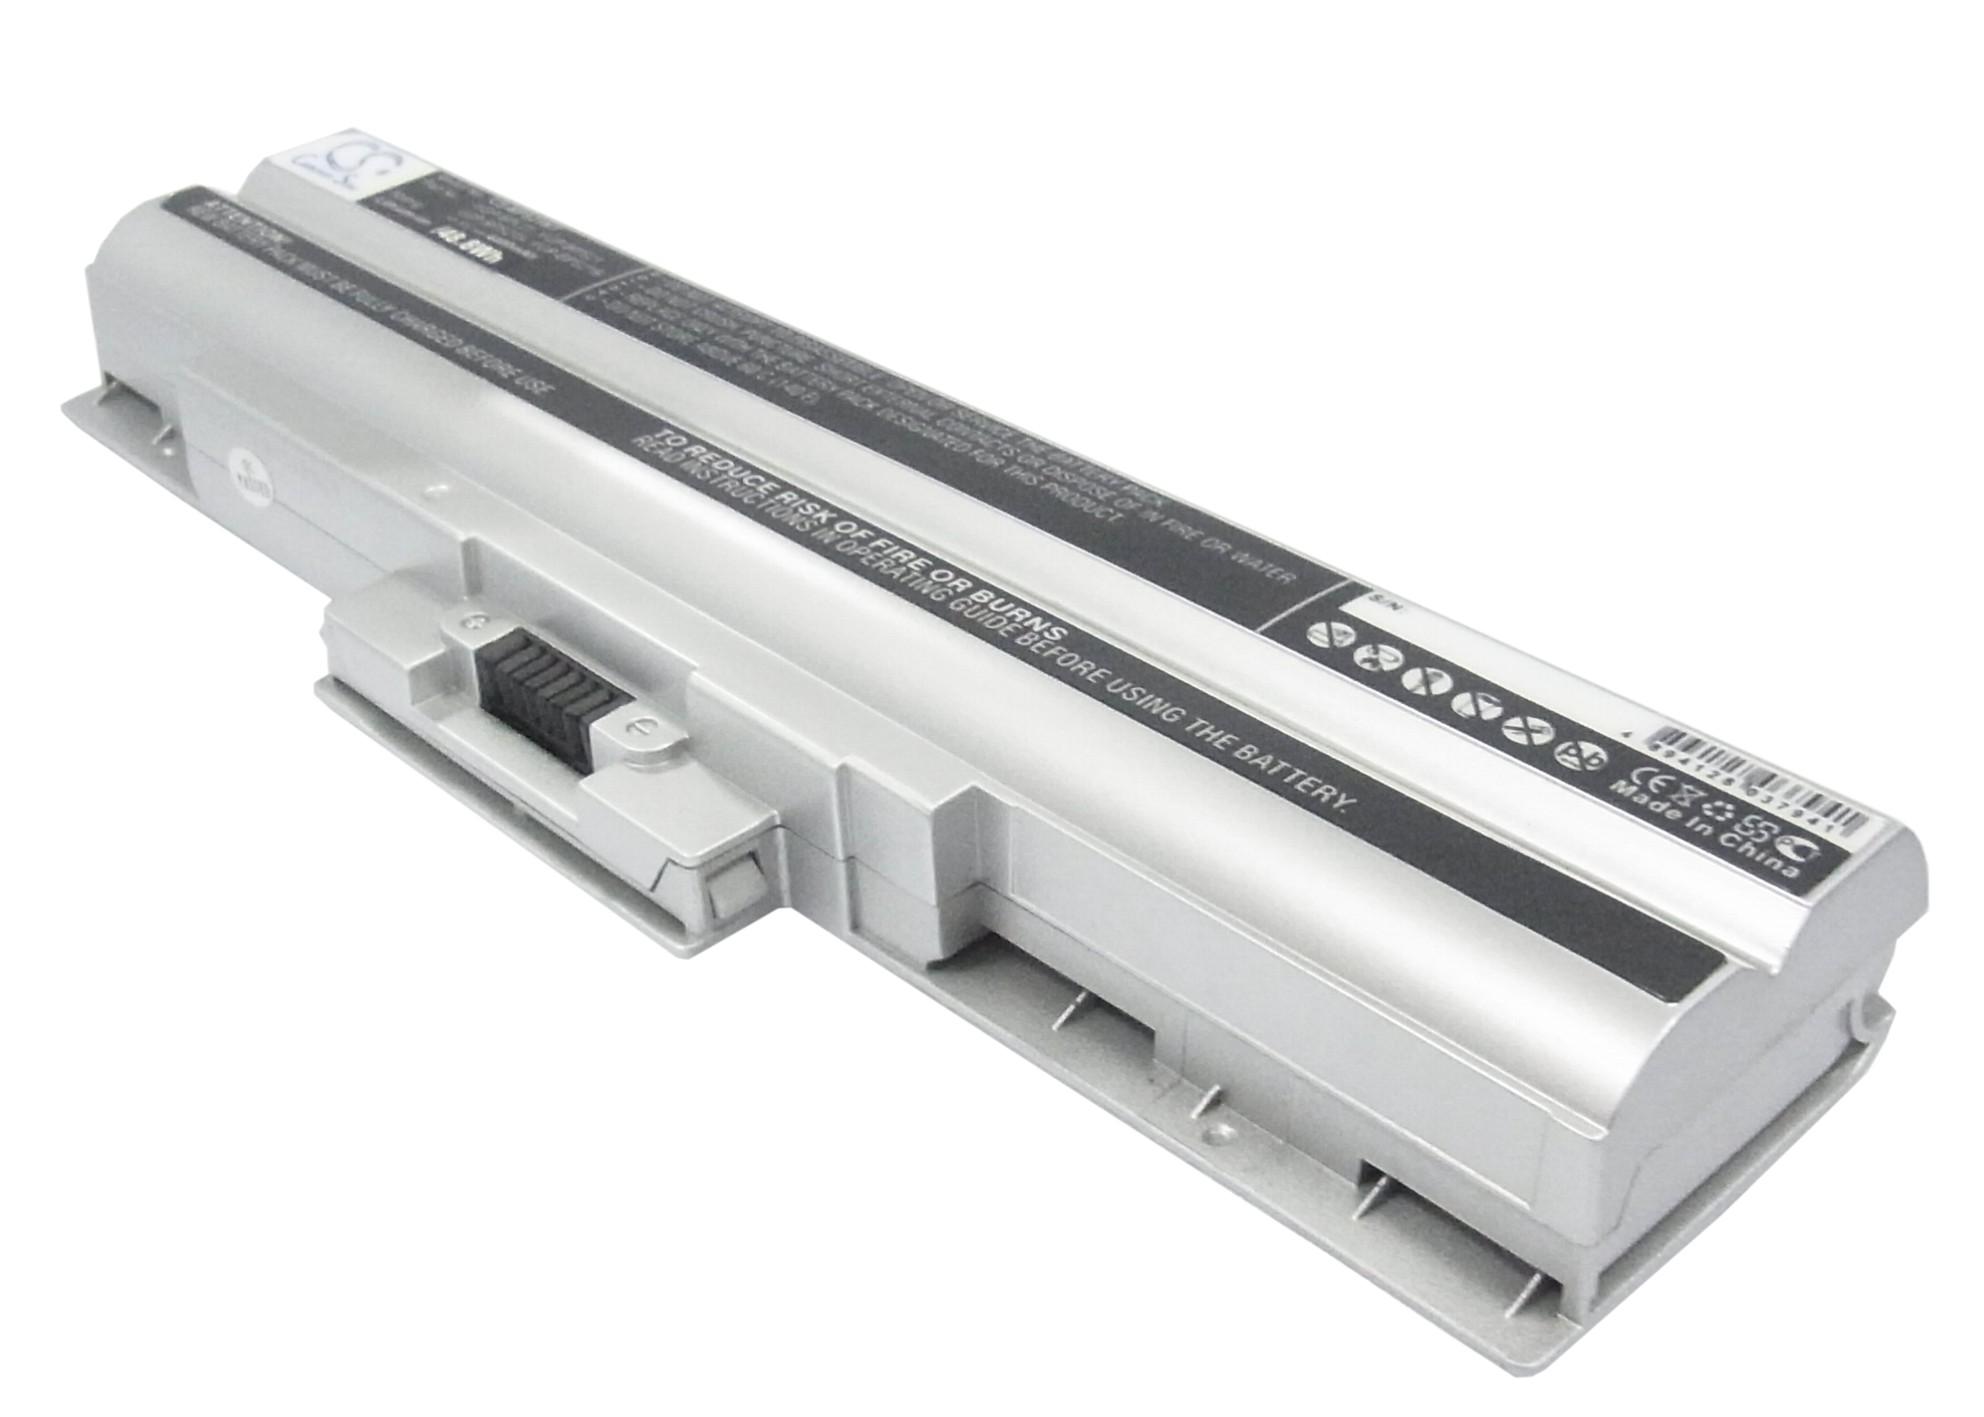 Cameron Sino baterie do notebooků pro SONY VAIO VGN-FW21L 11.1V Li-ion 4400mAh stříbrná - neoriginální